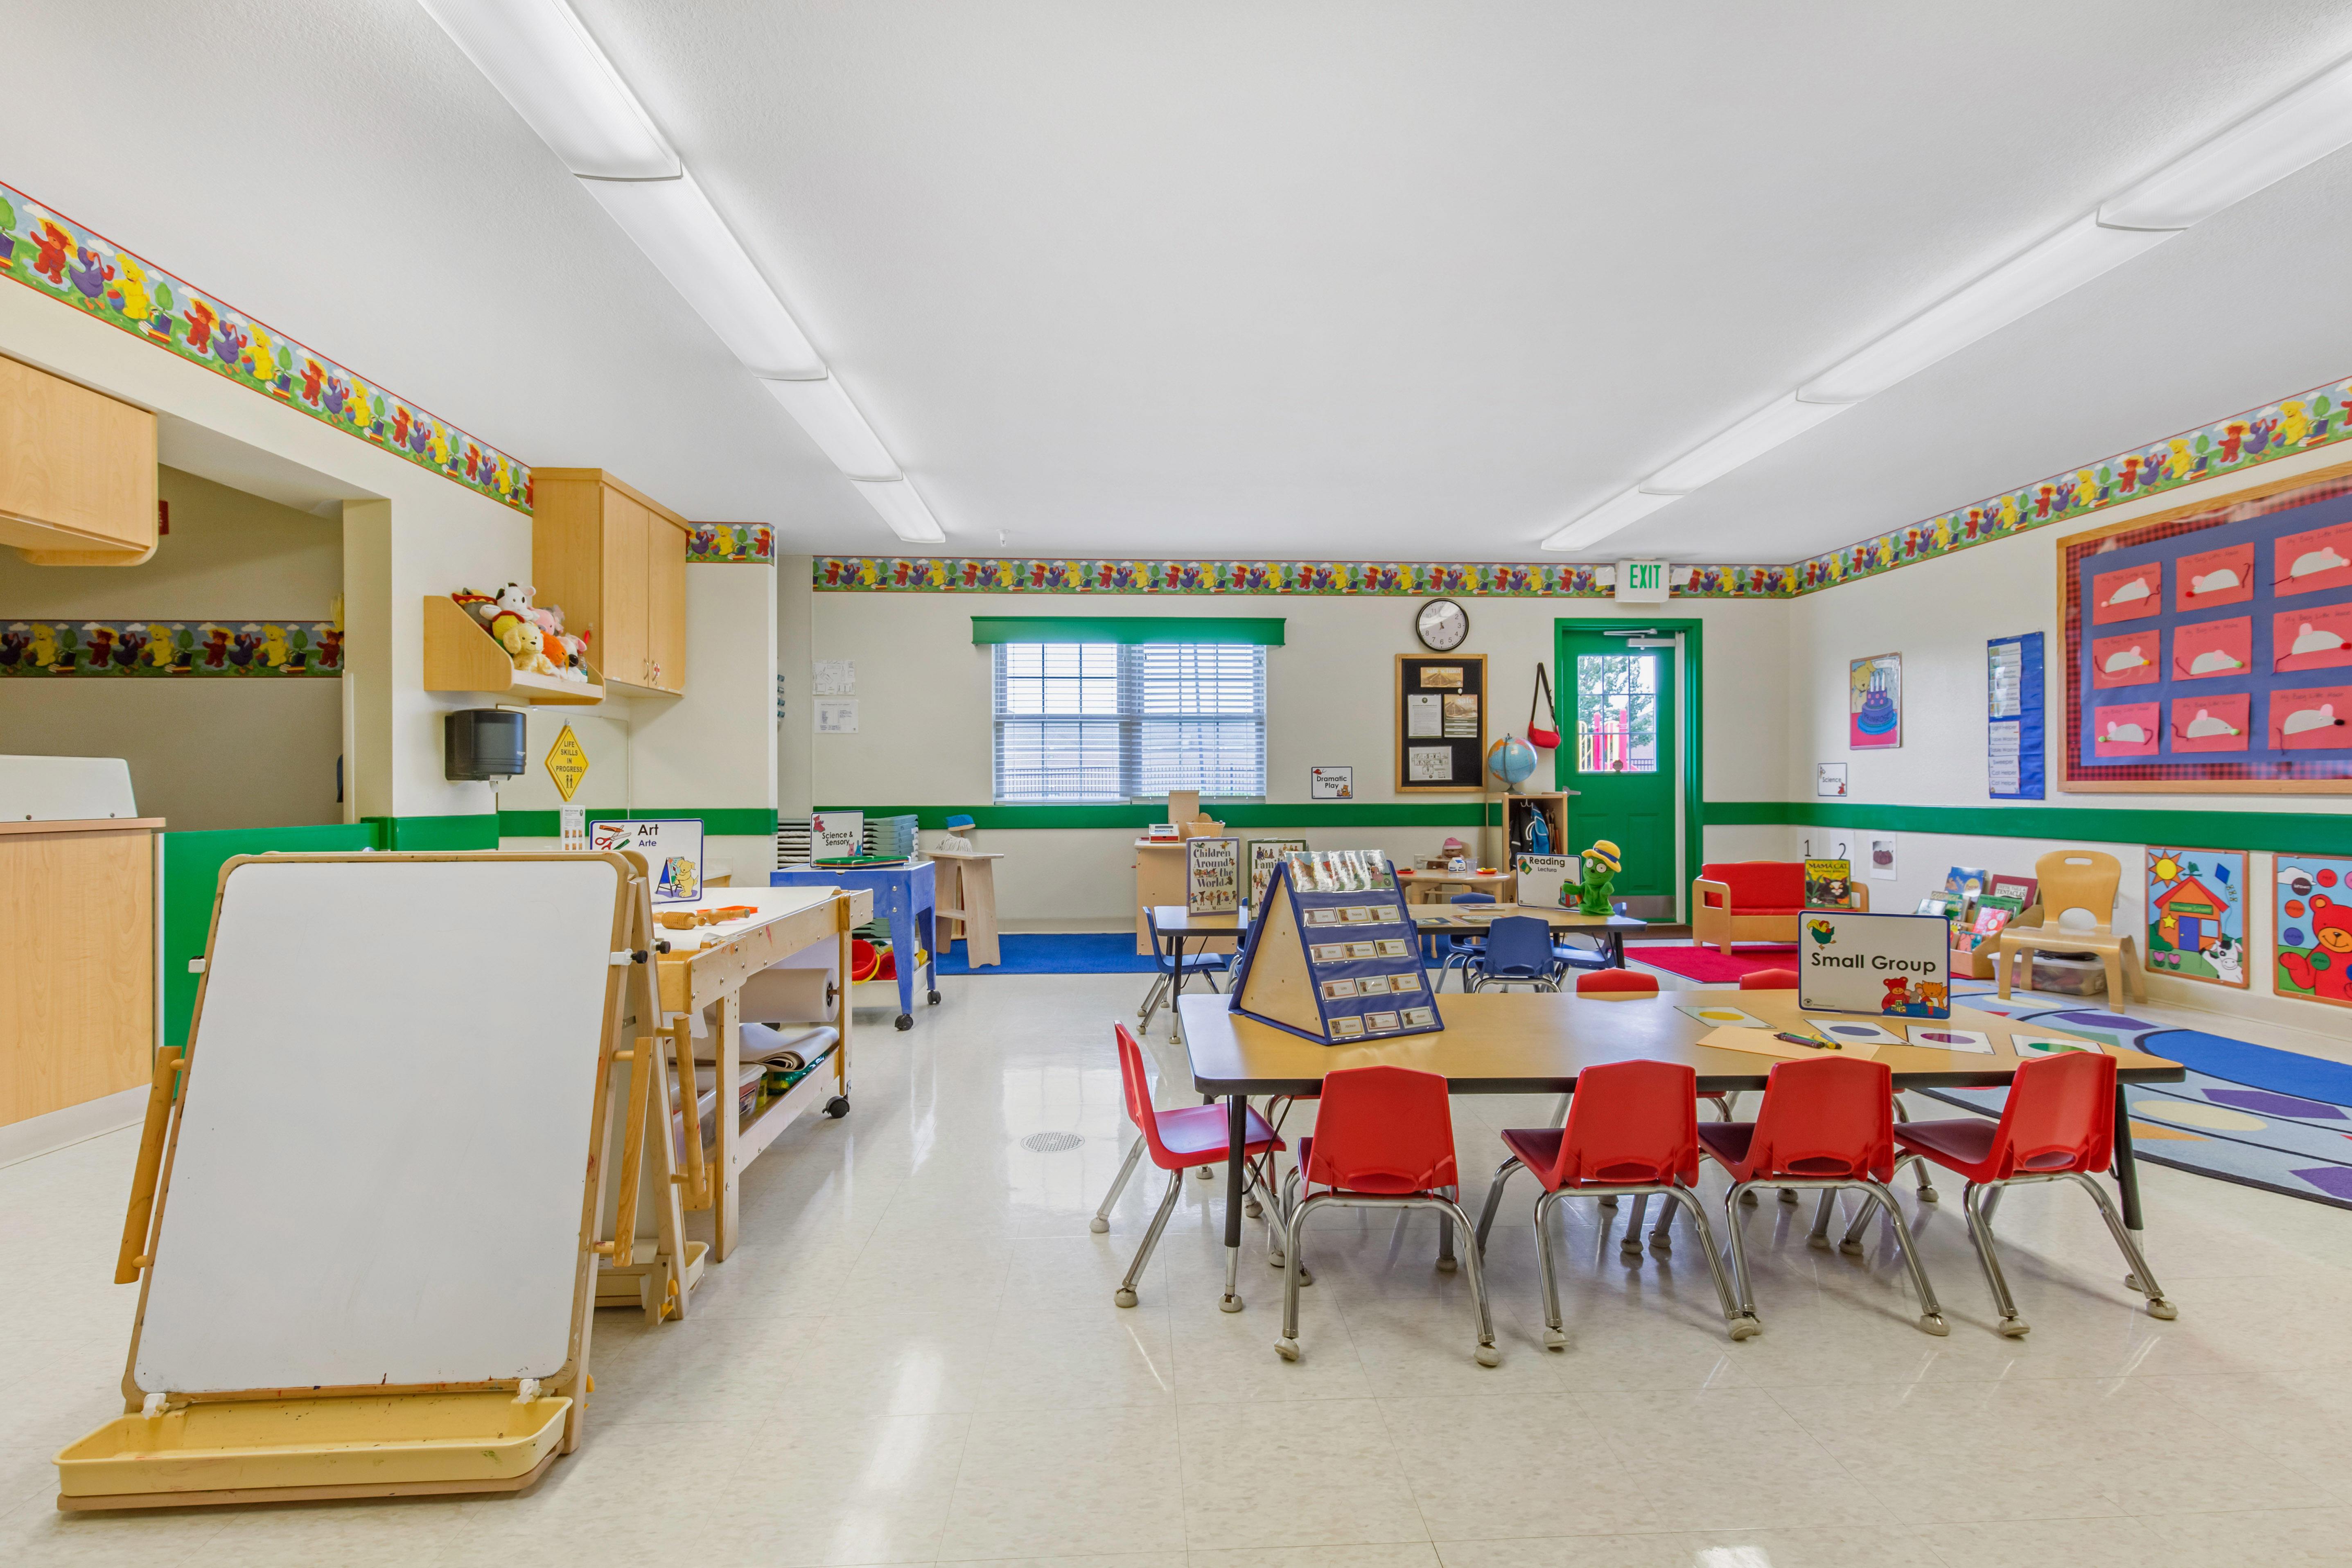 Primrose School of Algonquin image 16